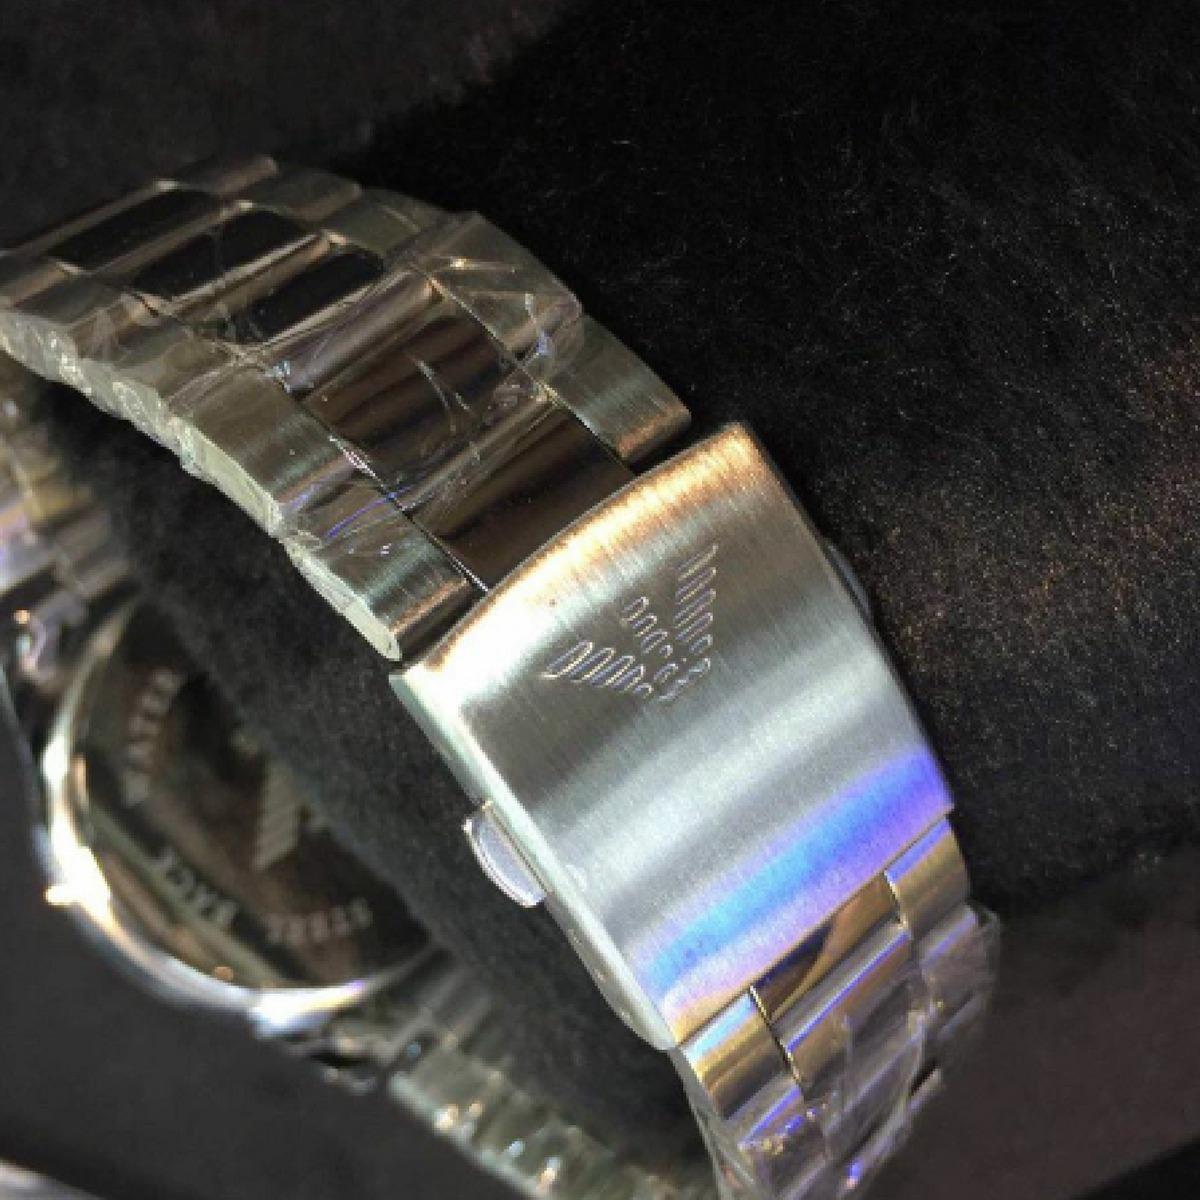 ae0f05d8493 relogio armani feminino em aço quatz frete gratis imperdivel. Carregando  zoom.